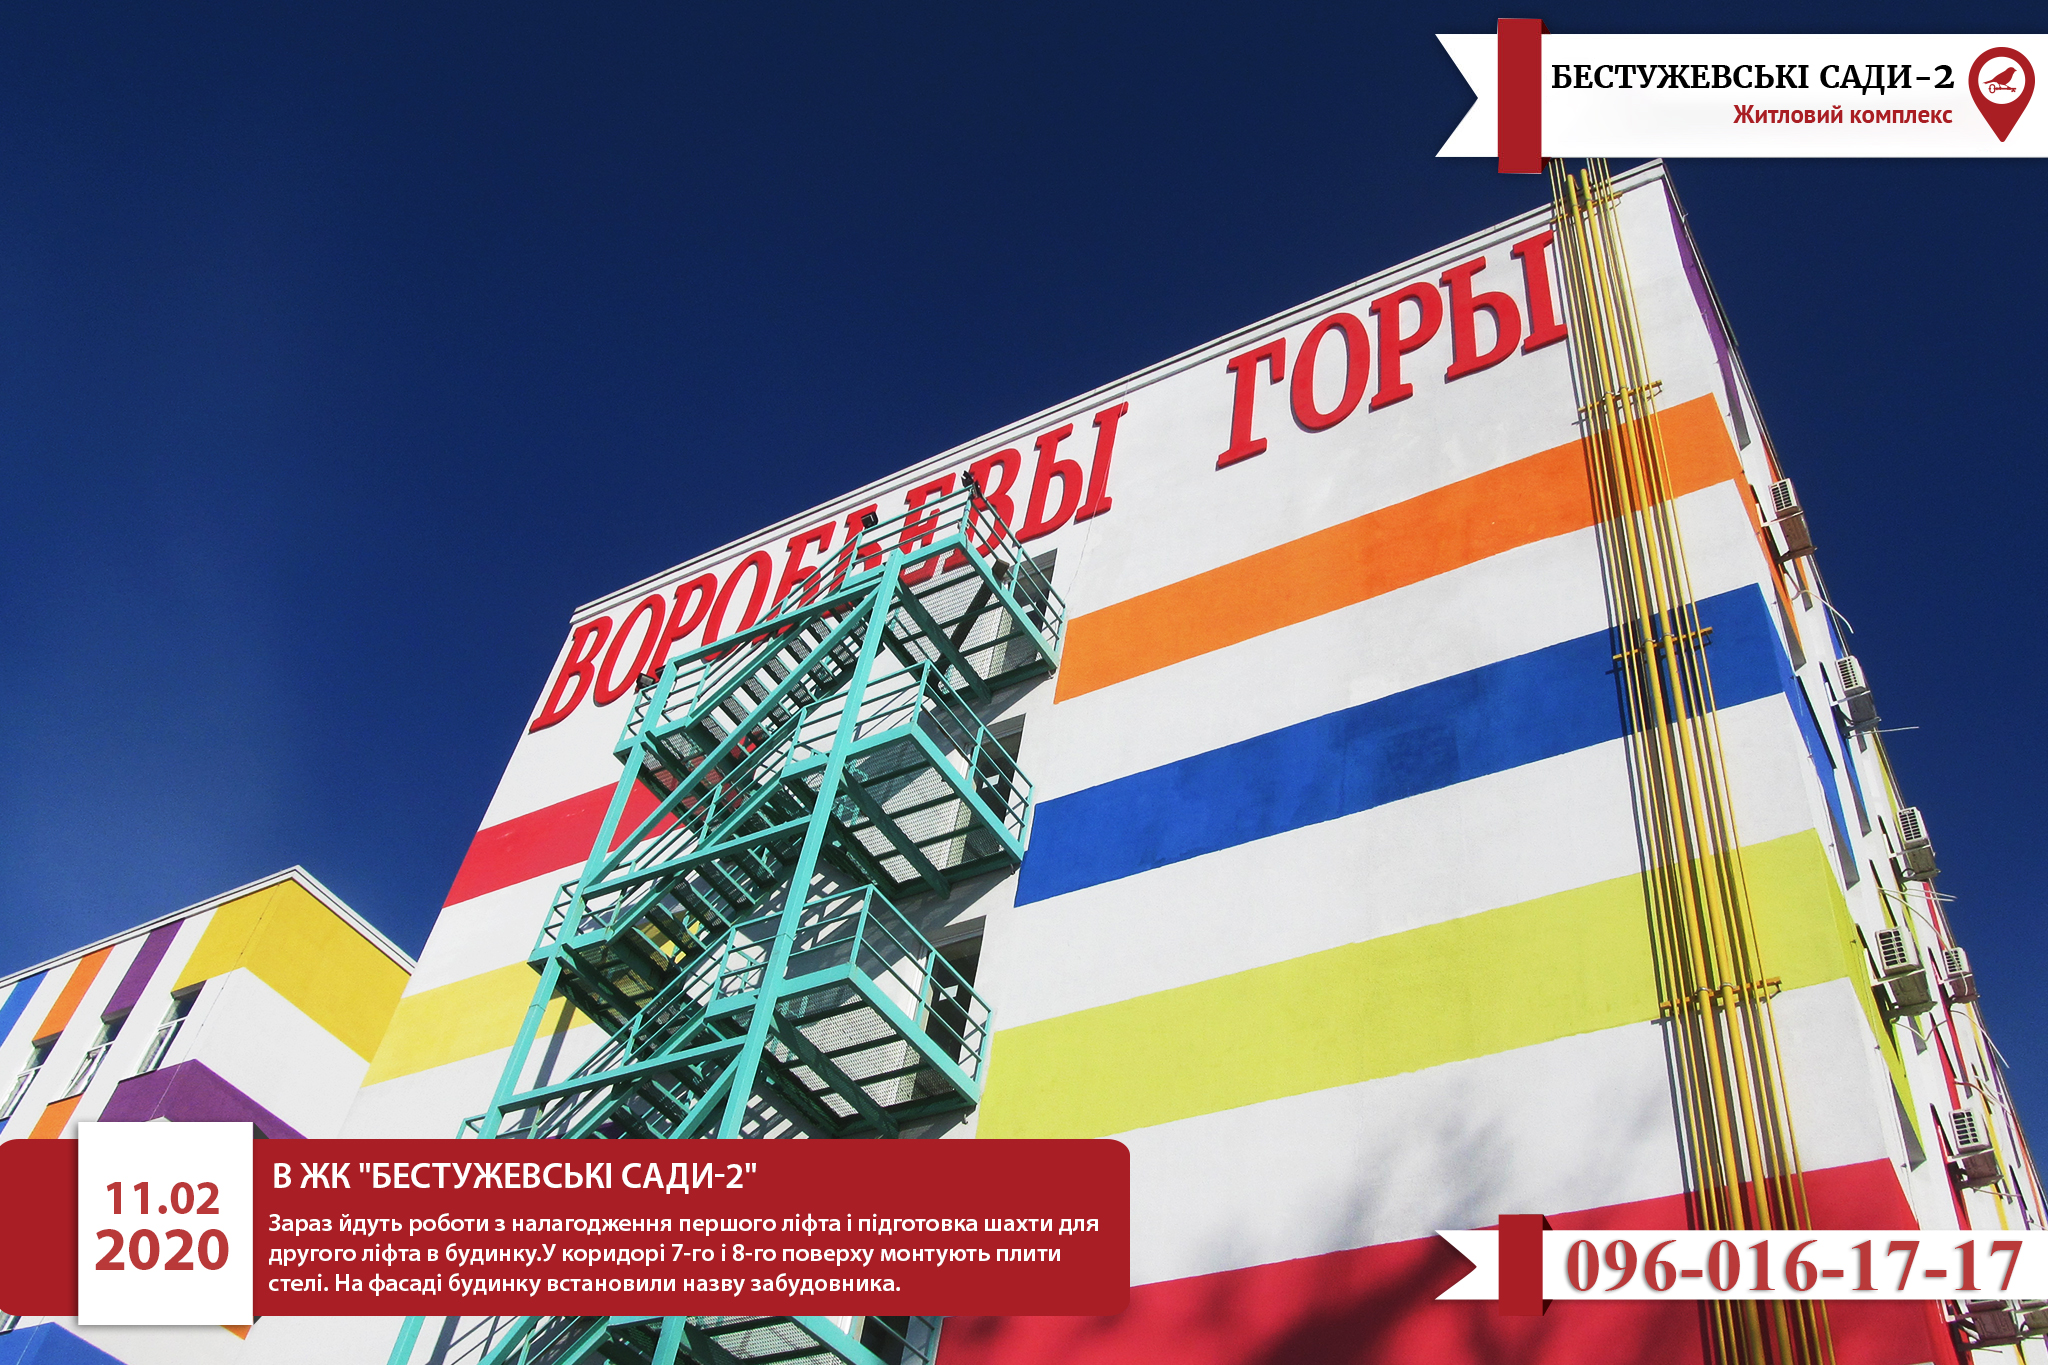 Актуальна інформація про будівництво комплексу «Бестужевські сади-2»